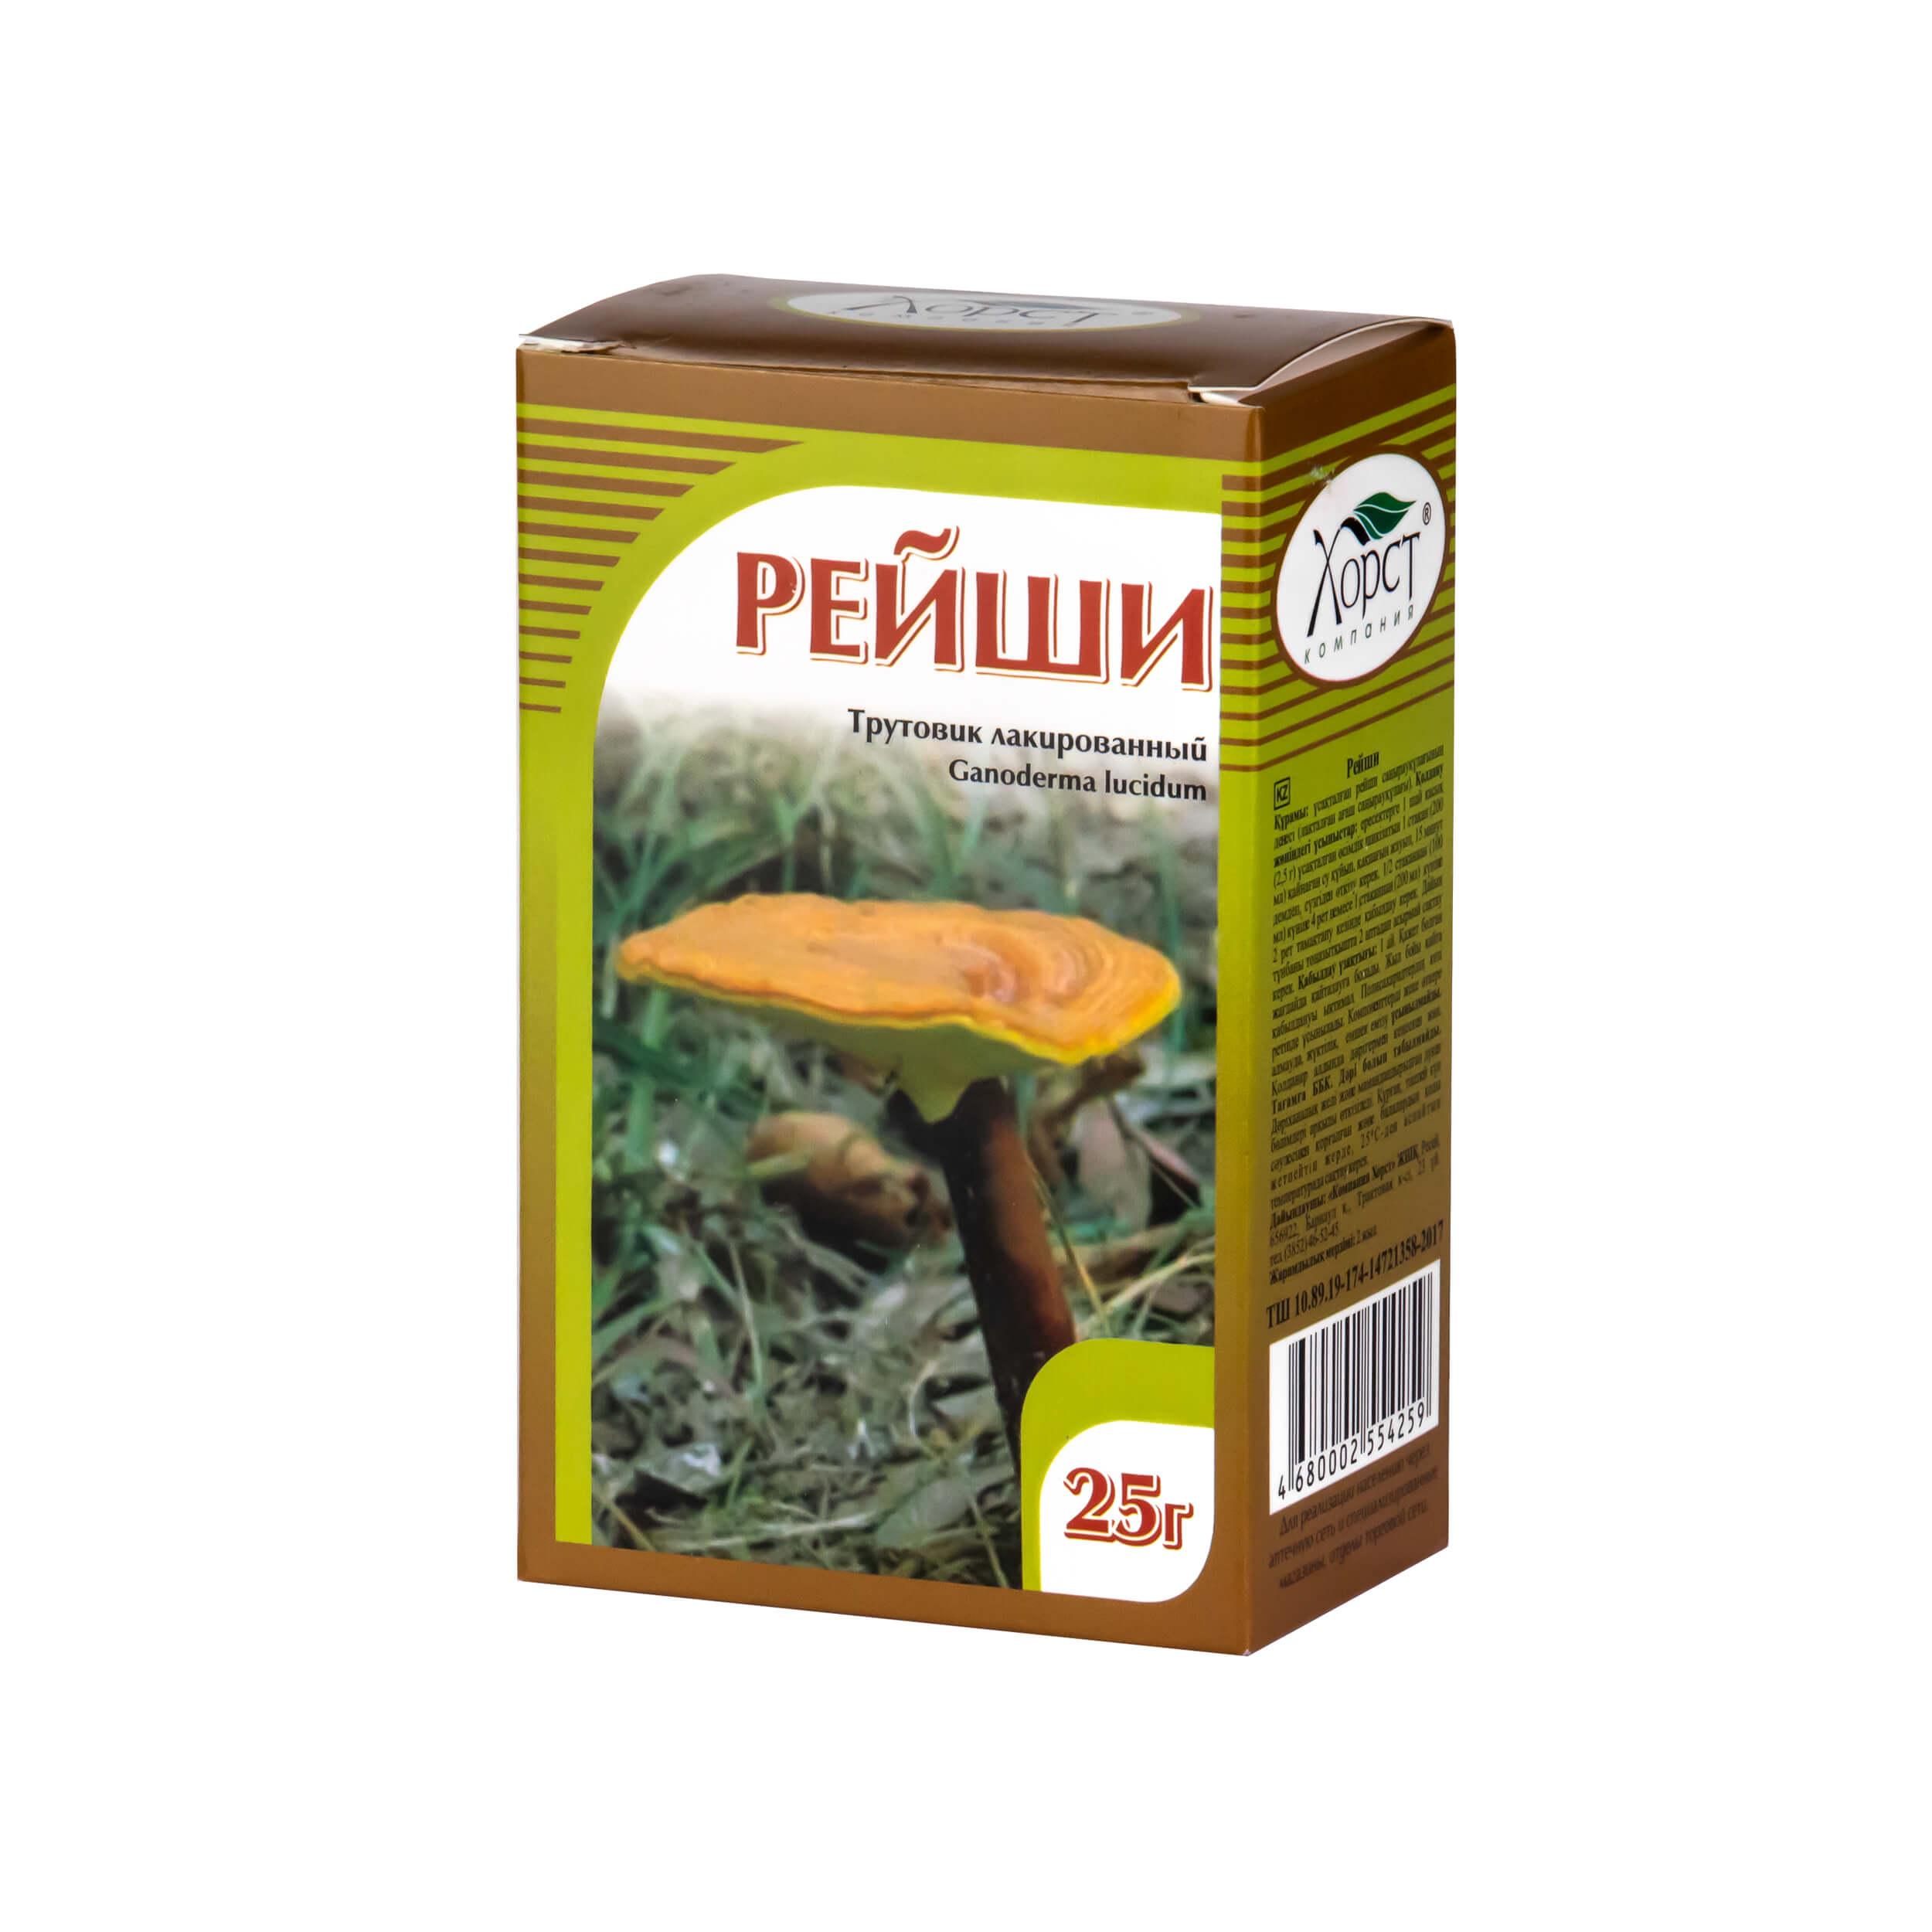 Рейши гриб трутовик лакированный (25 грамм) фото